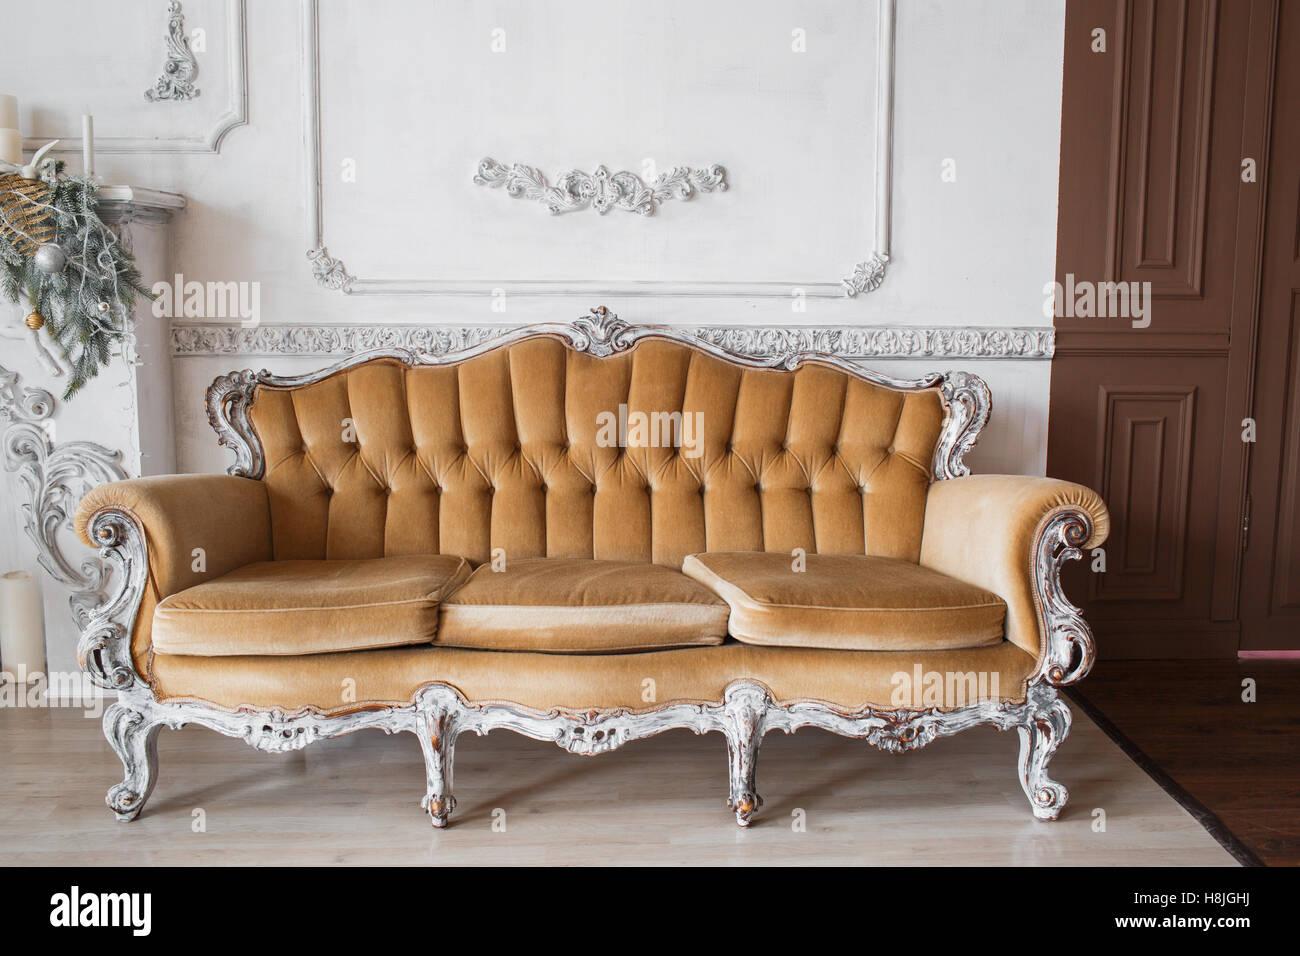 Wohnzimmer Mit Antiken Stilvolle Beige Sofa Auf Luxus Weiße Wand Basrelief  Stuck Zierleisten Jahrgang Designelemente. Schwarz Und Foto.